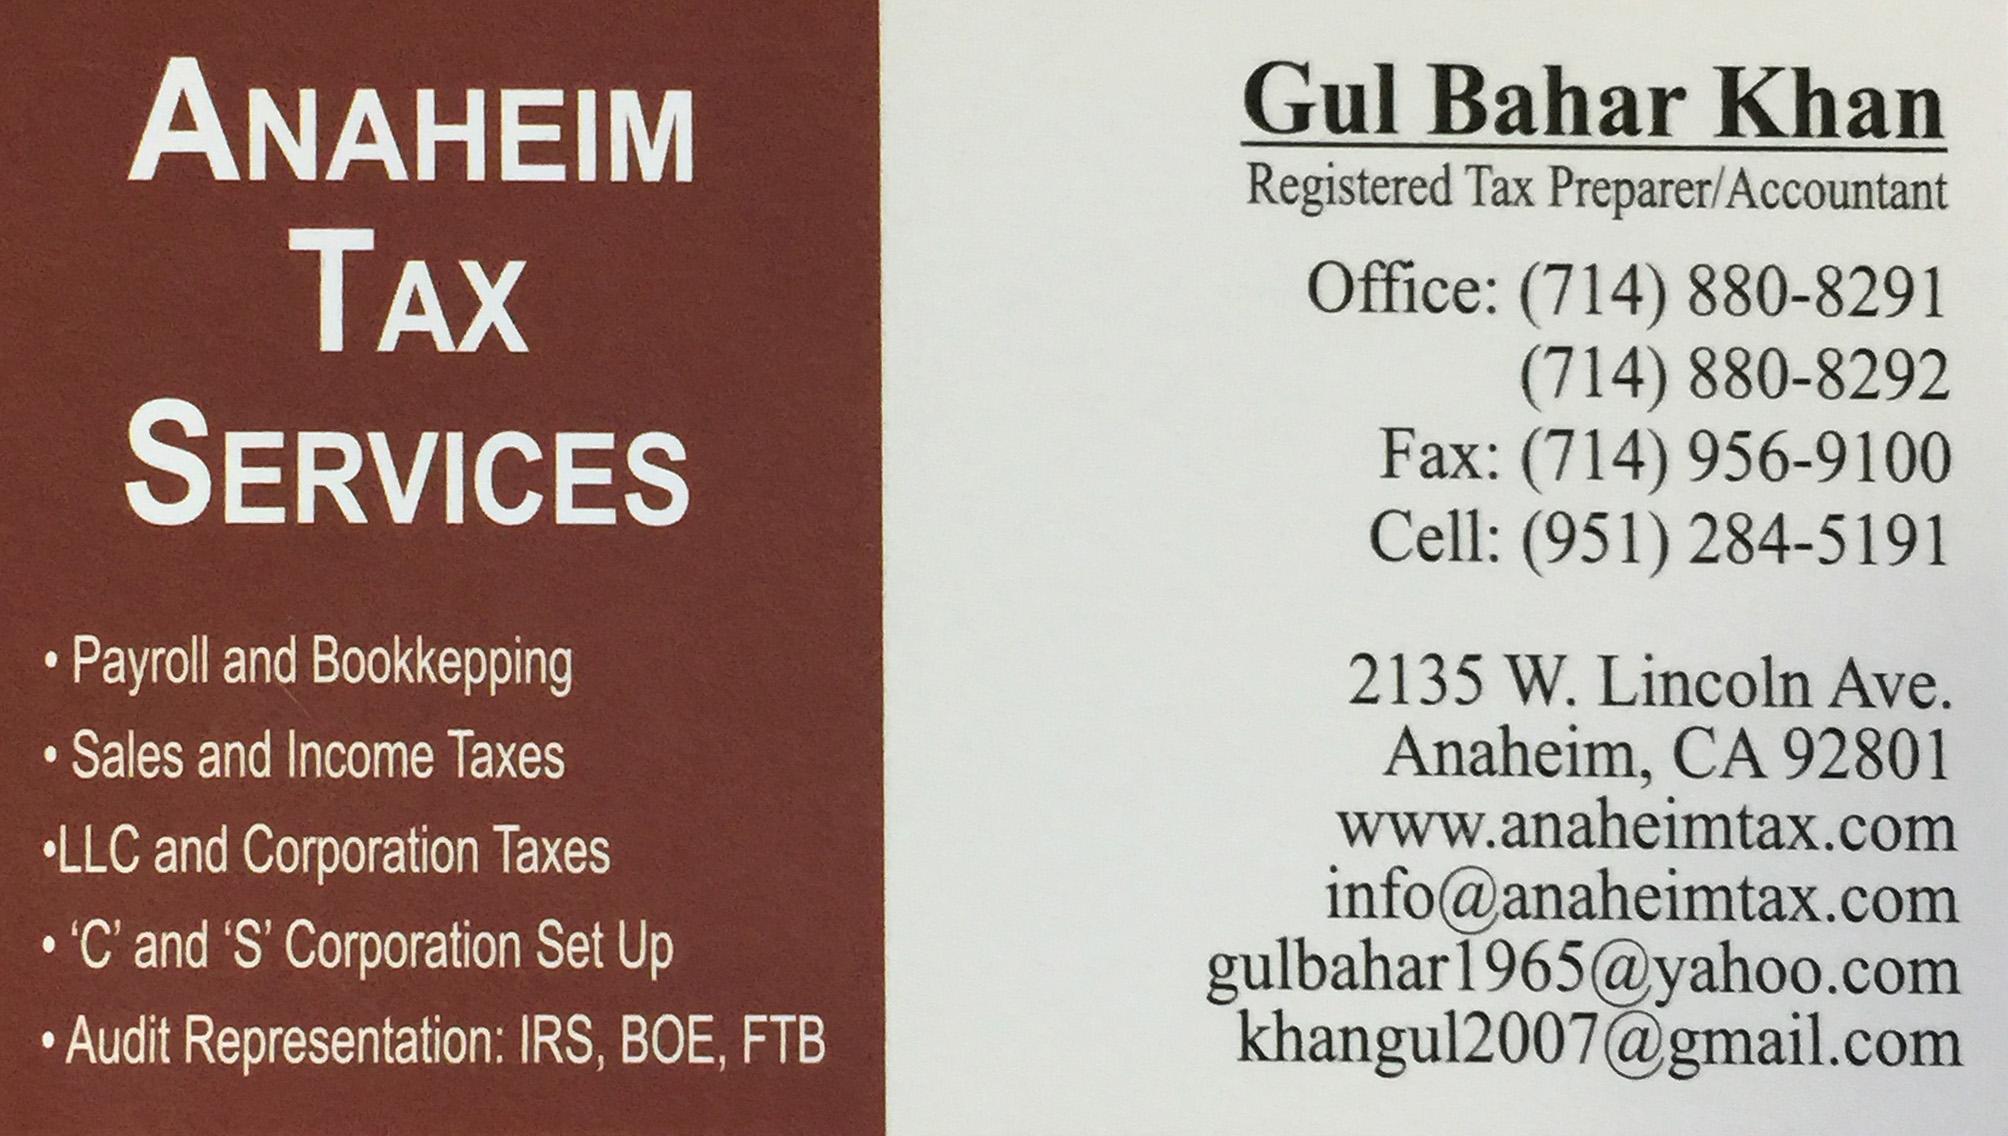 Anaheim Tax Service